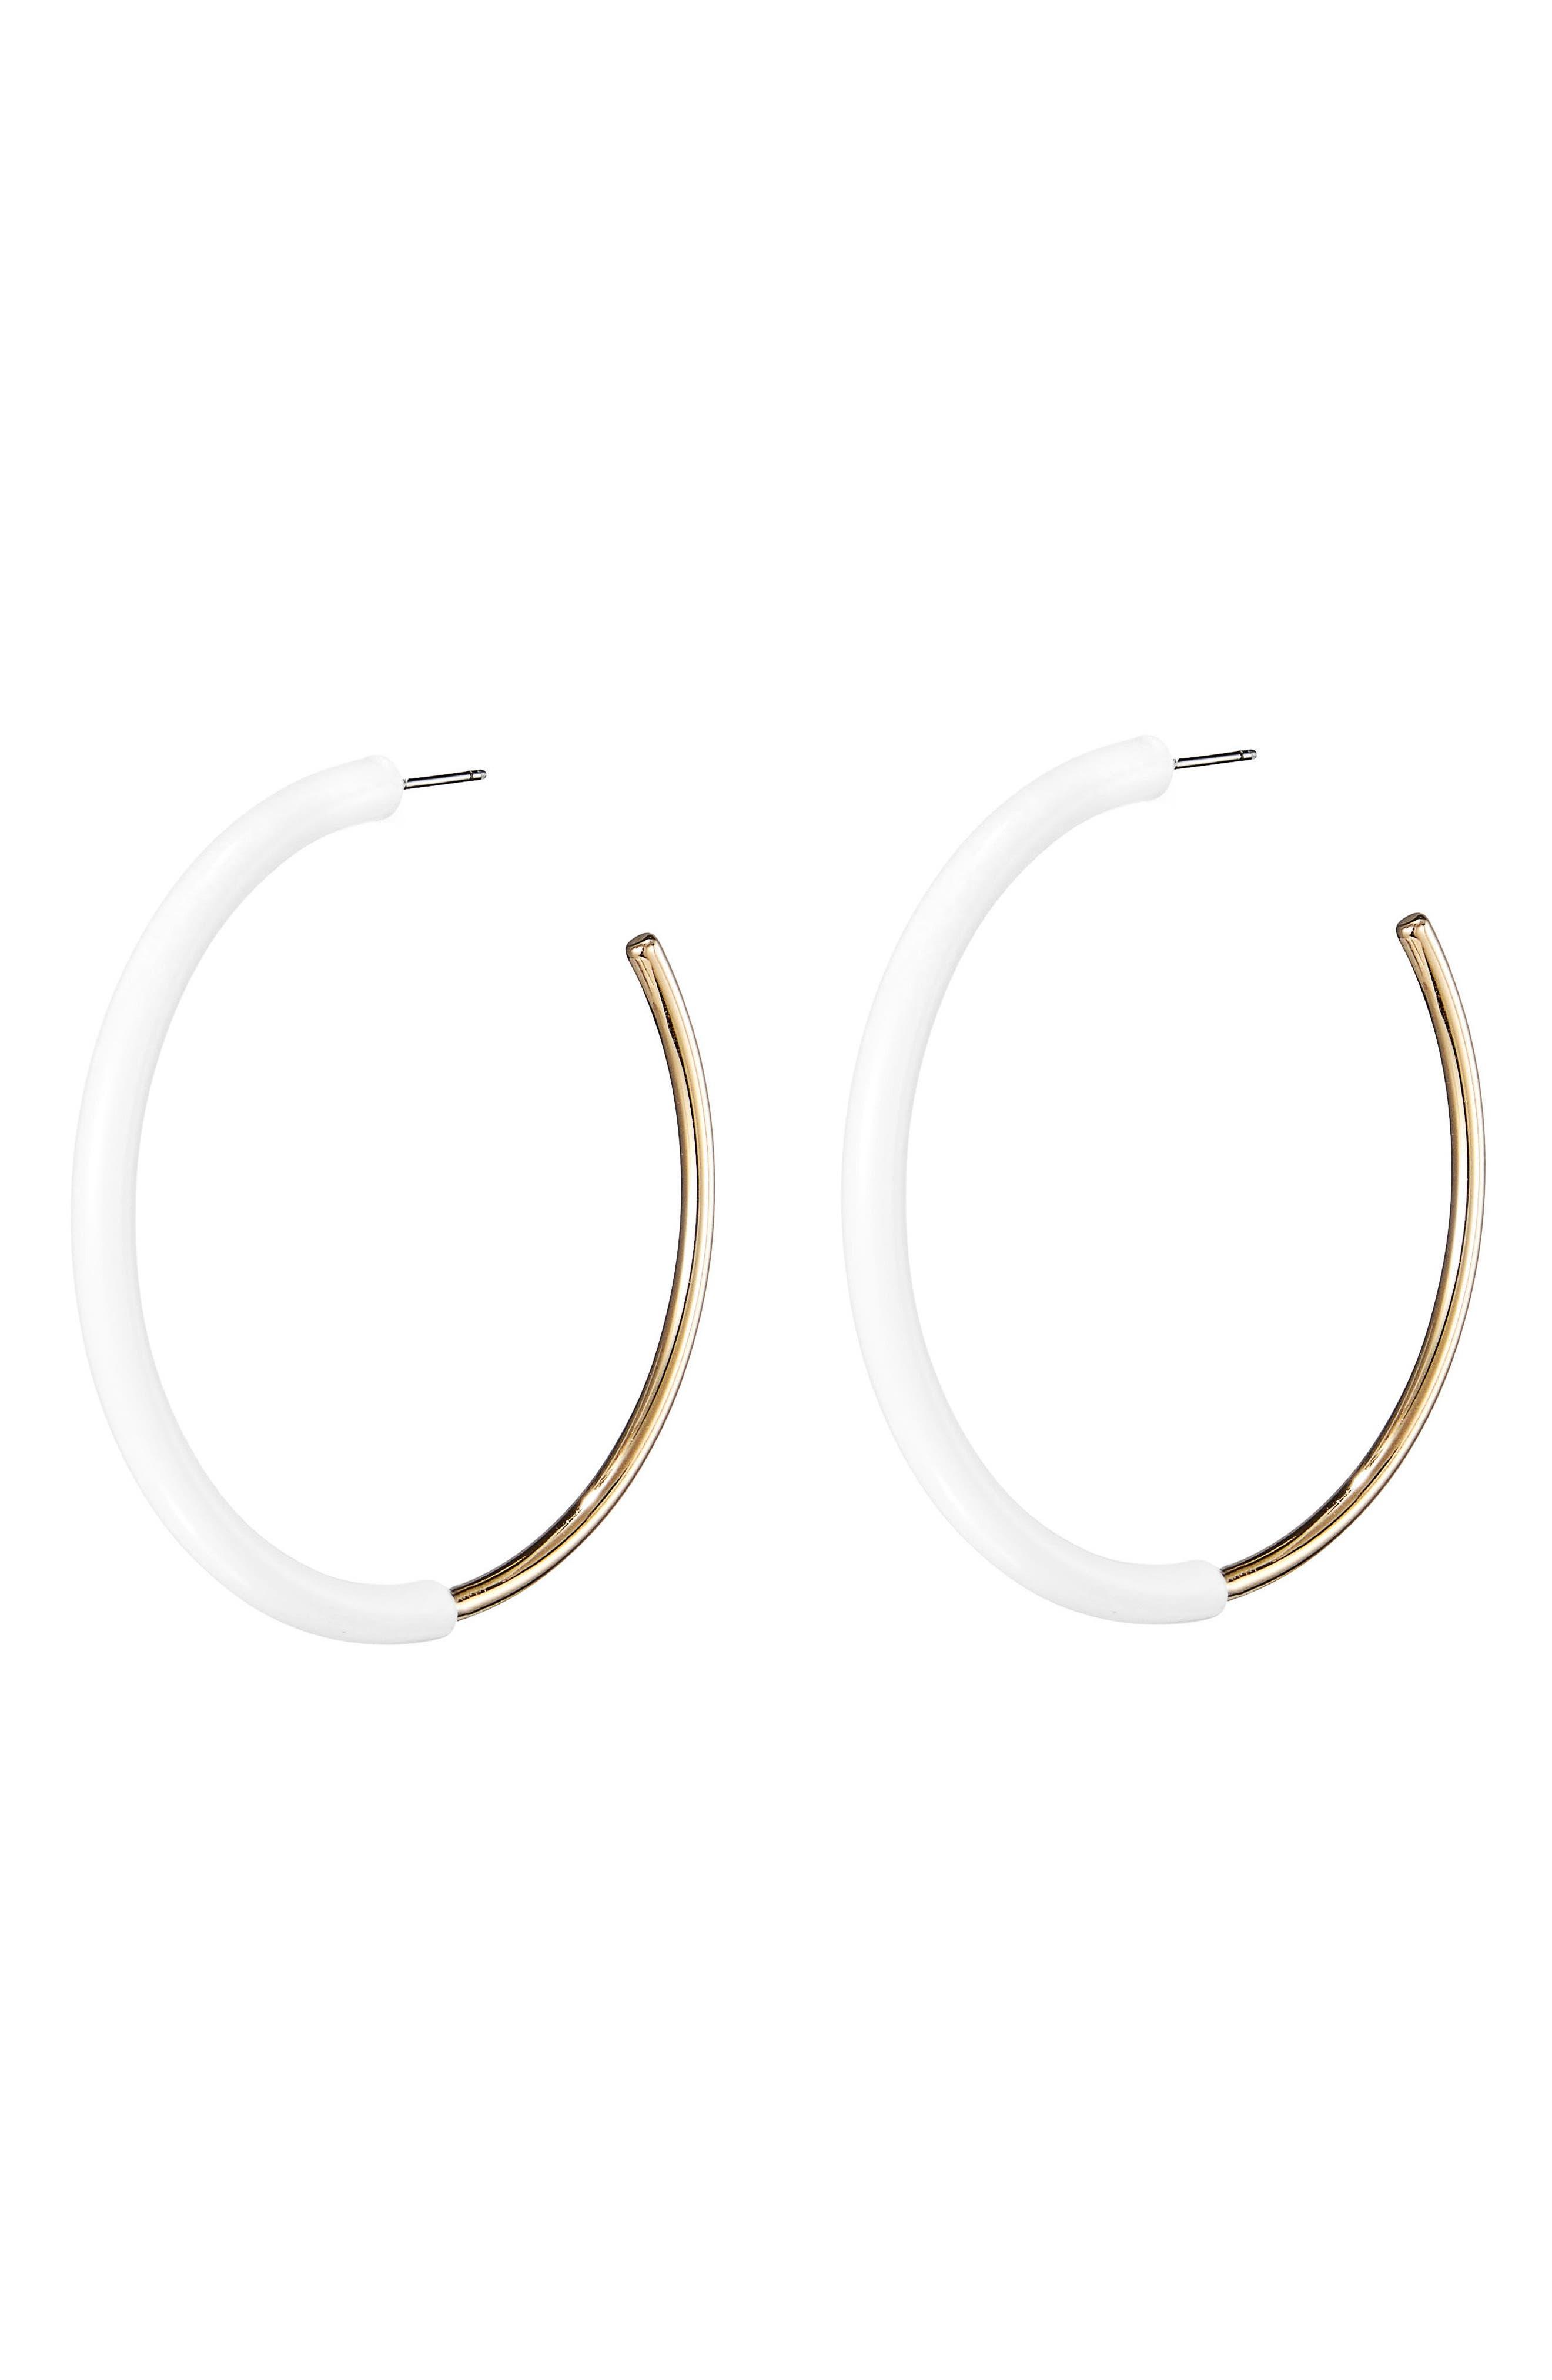 Lola Small Hoop Earrings,                             Main thumbnail 1, color,                             100